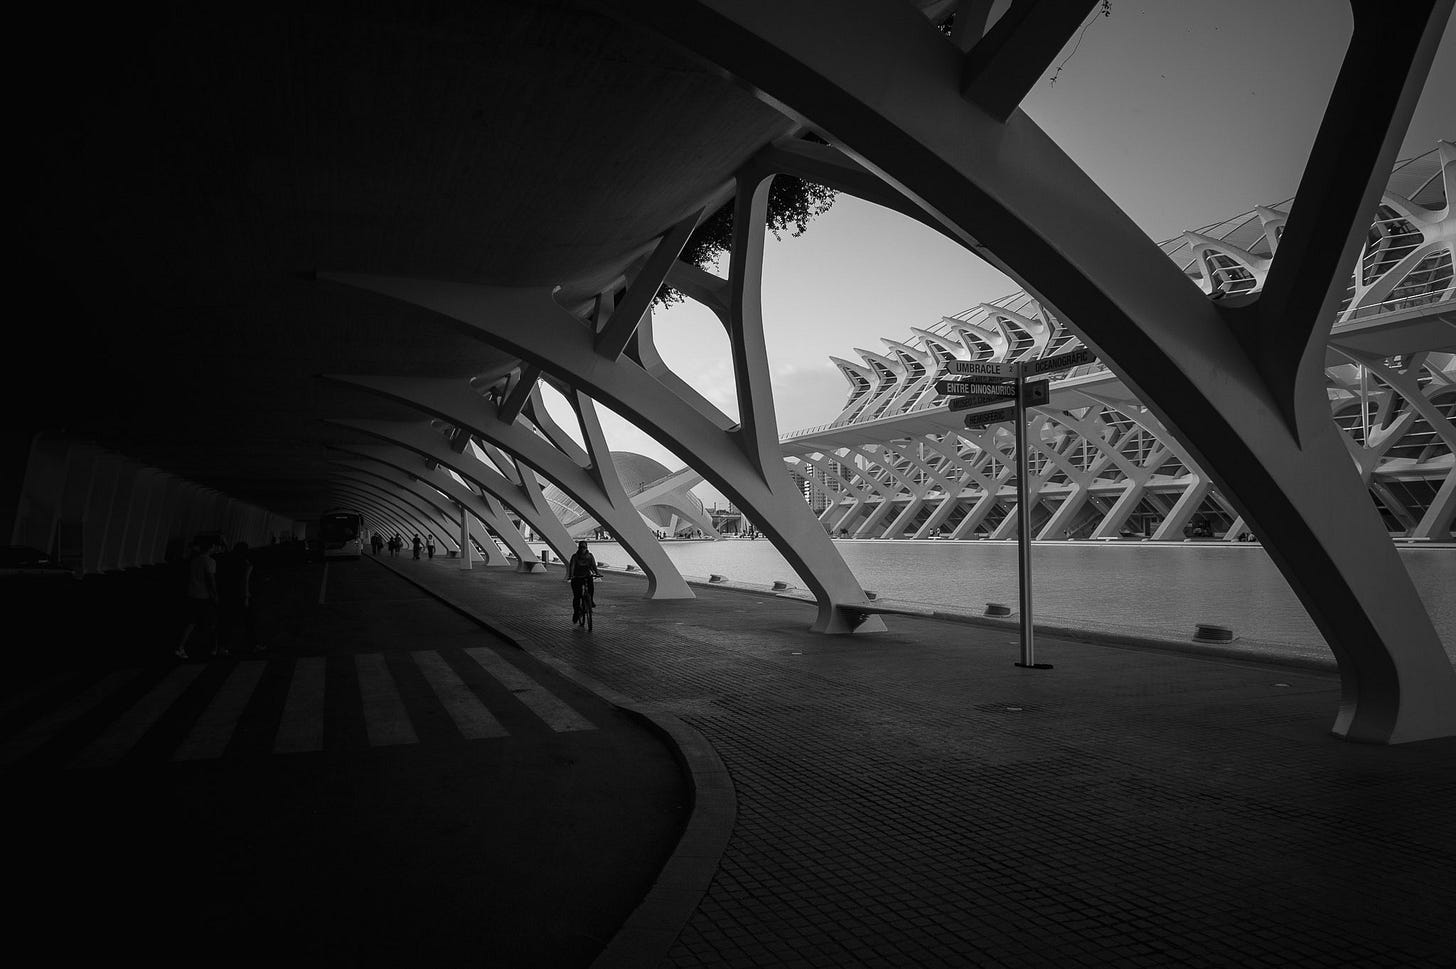 Ciudad de las Artes y las Ciencias - Valencia-DSC_2506-pete-carr-pete-carr.jpg